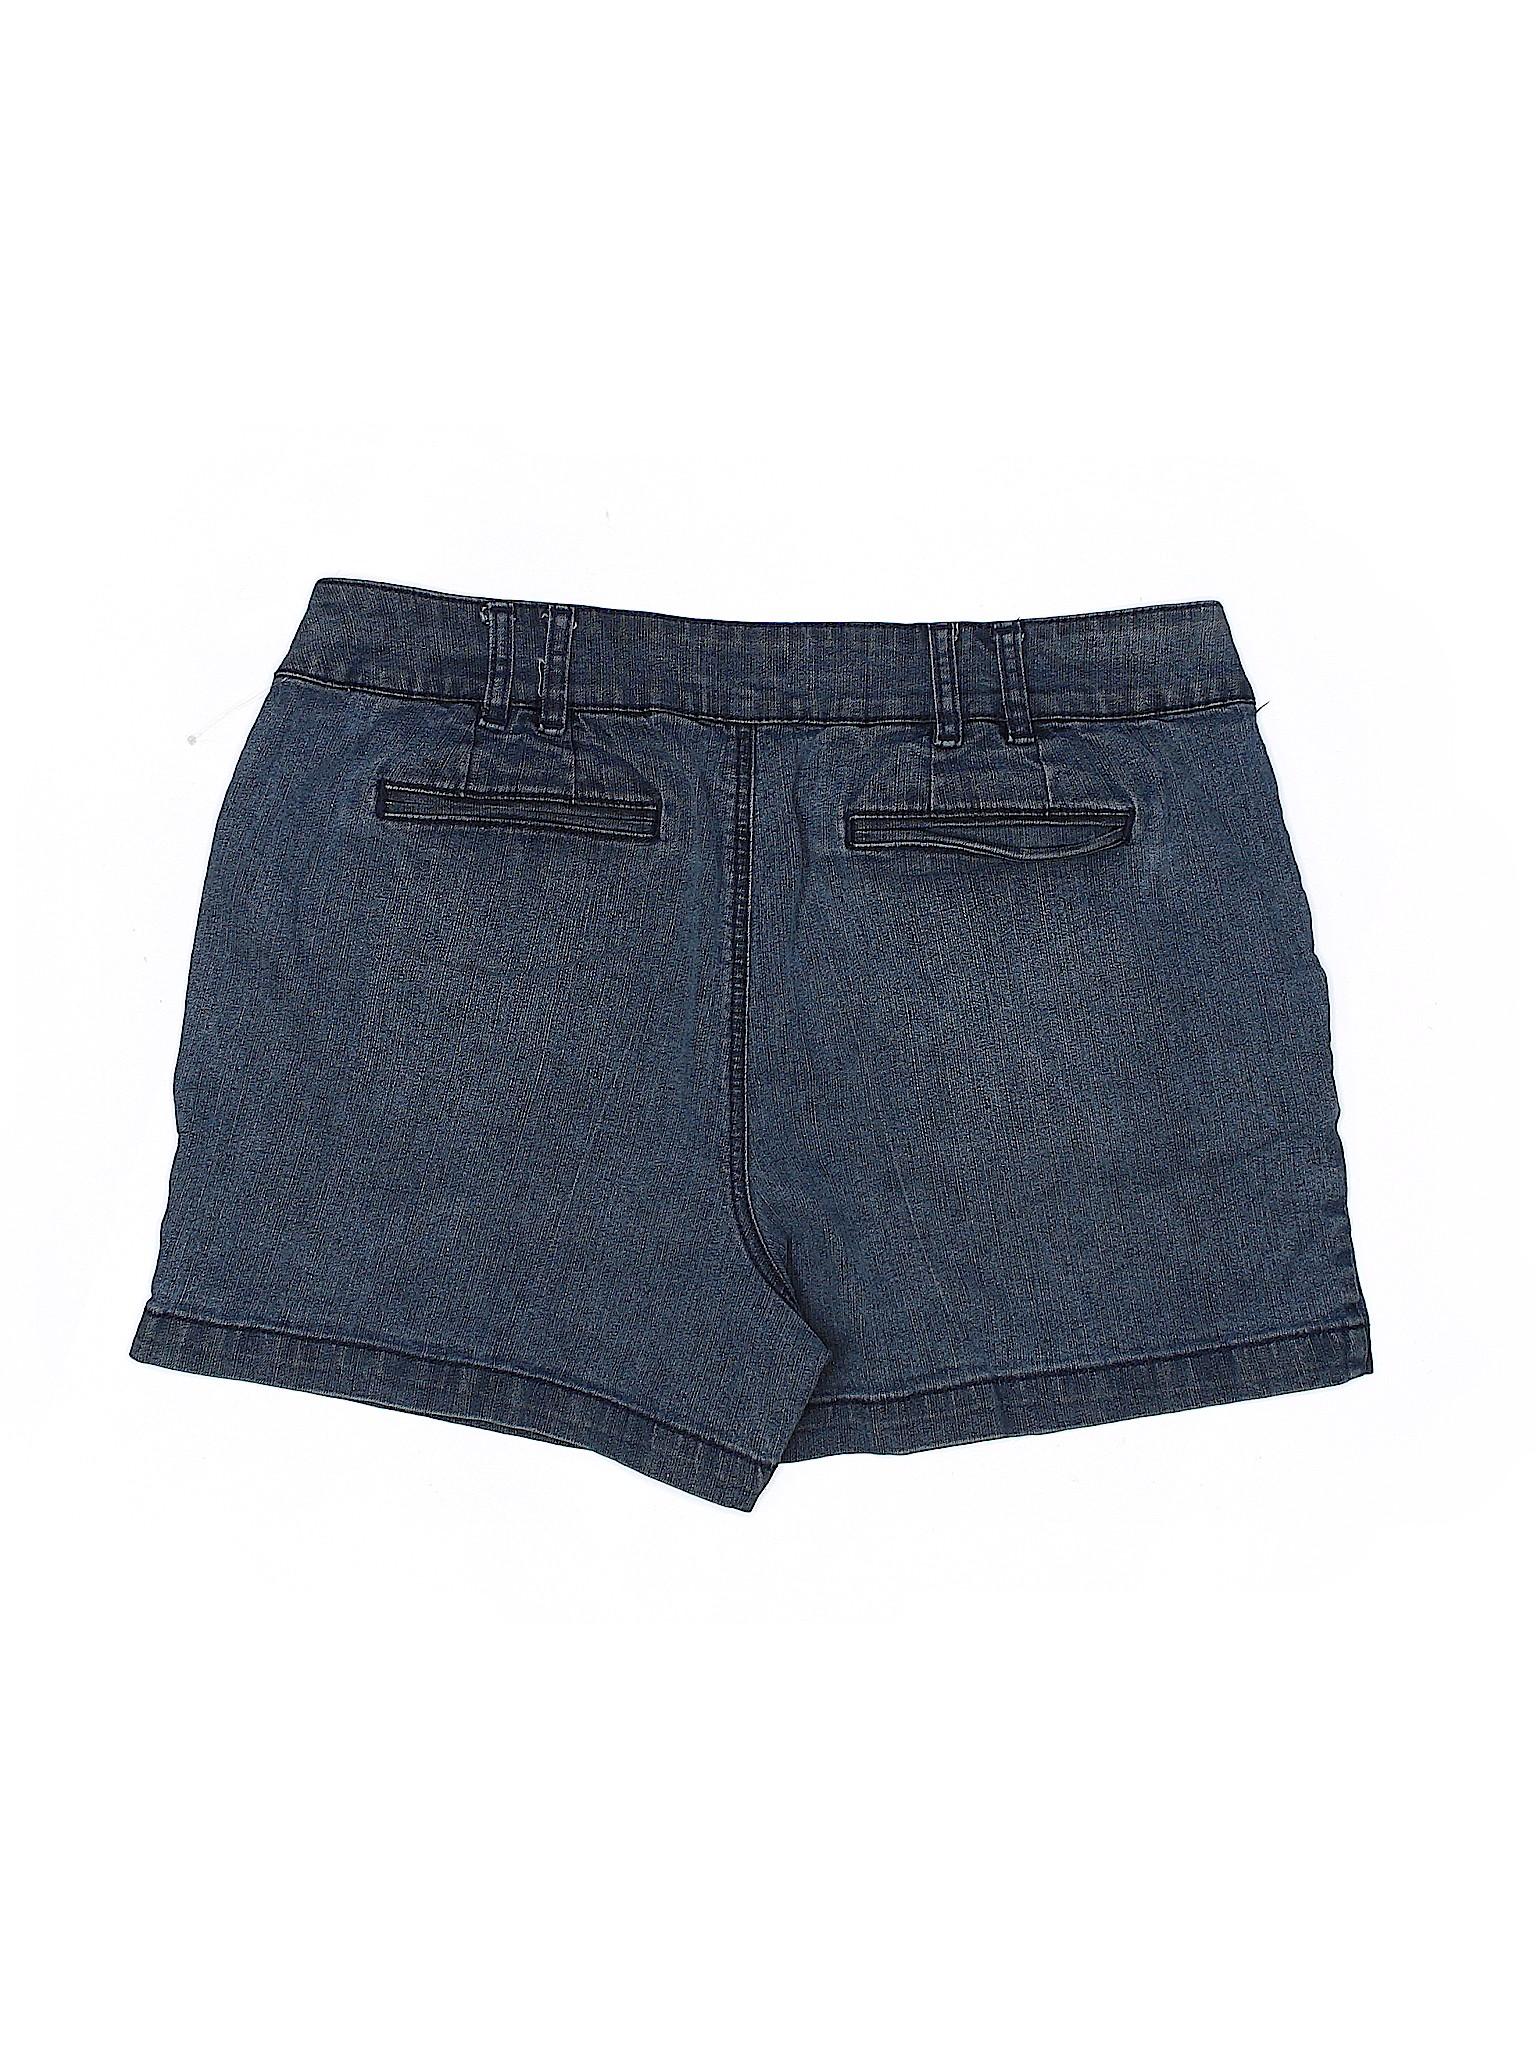 Cato Denim Denim Boutique Shorts Boutique Cato qxtI1x